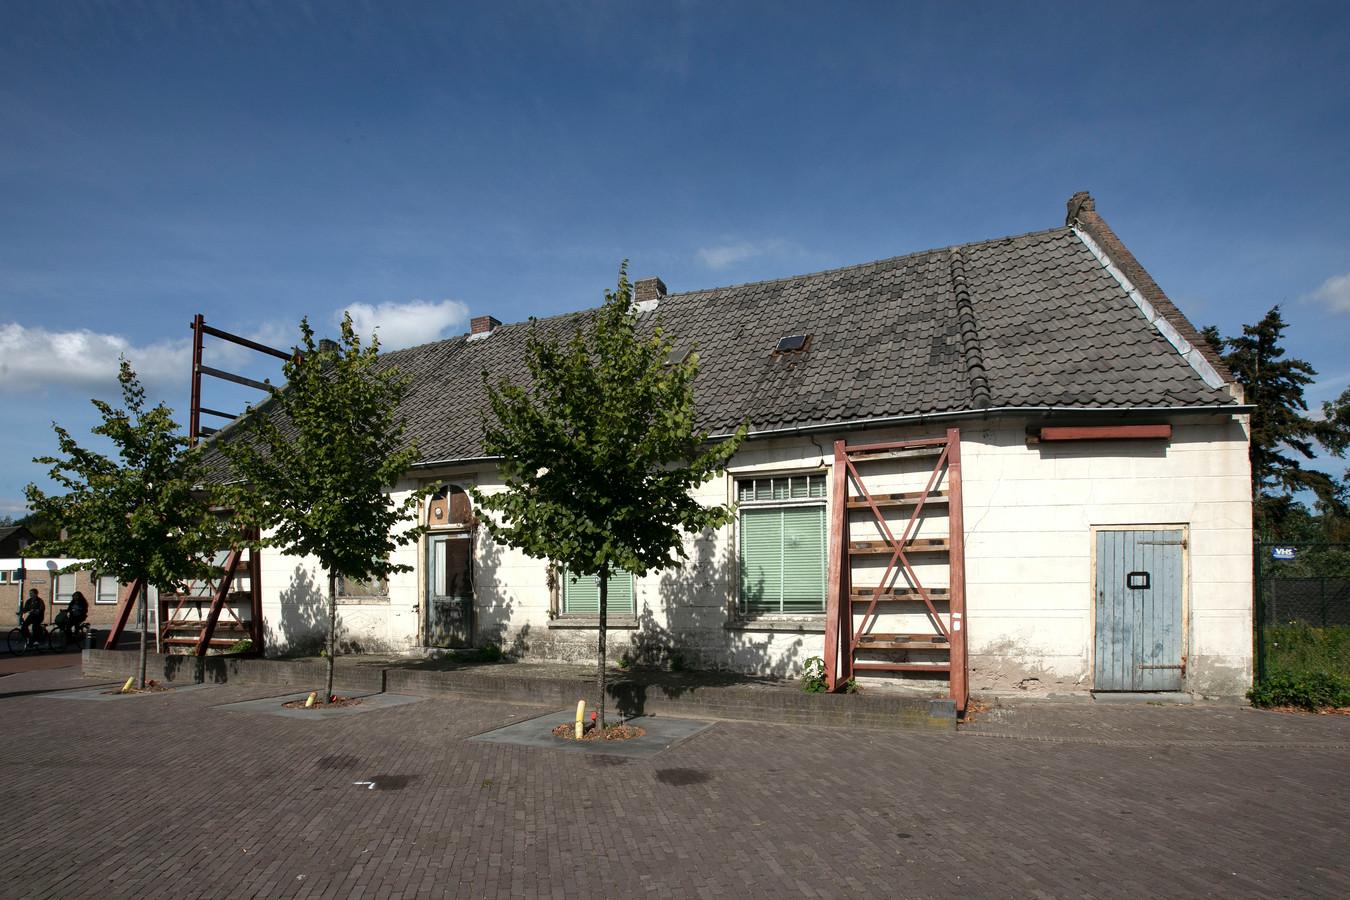 Winkelwoonpand van Anneke de Bruijn, Asten